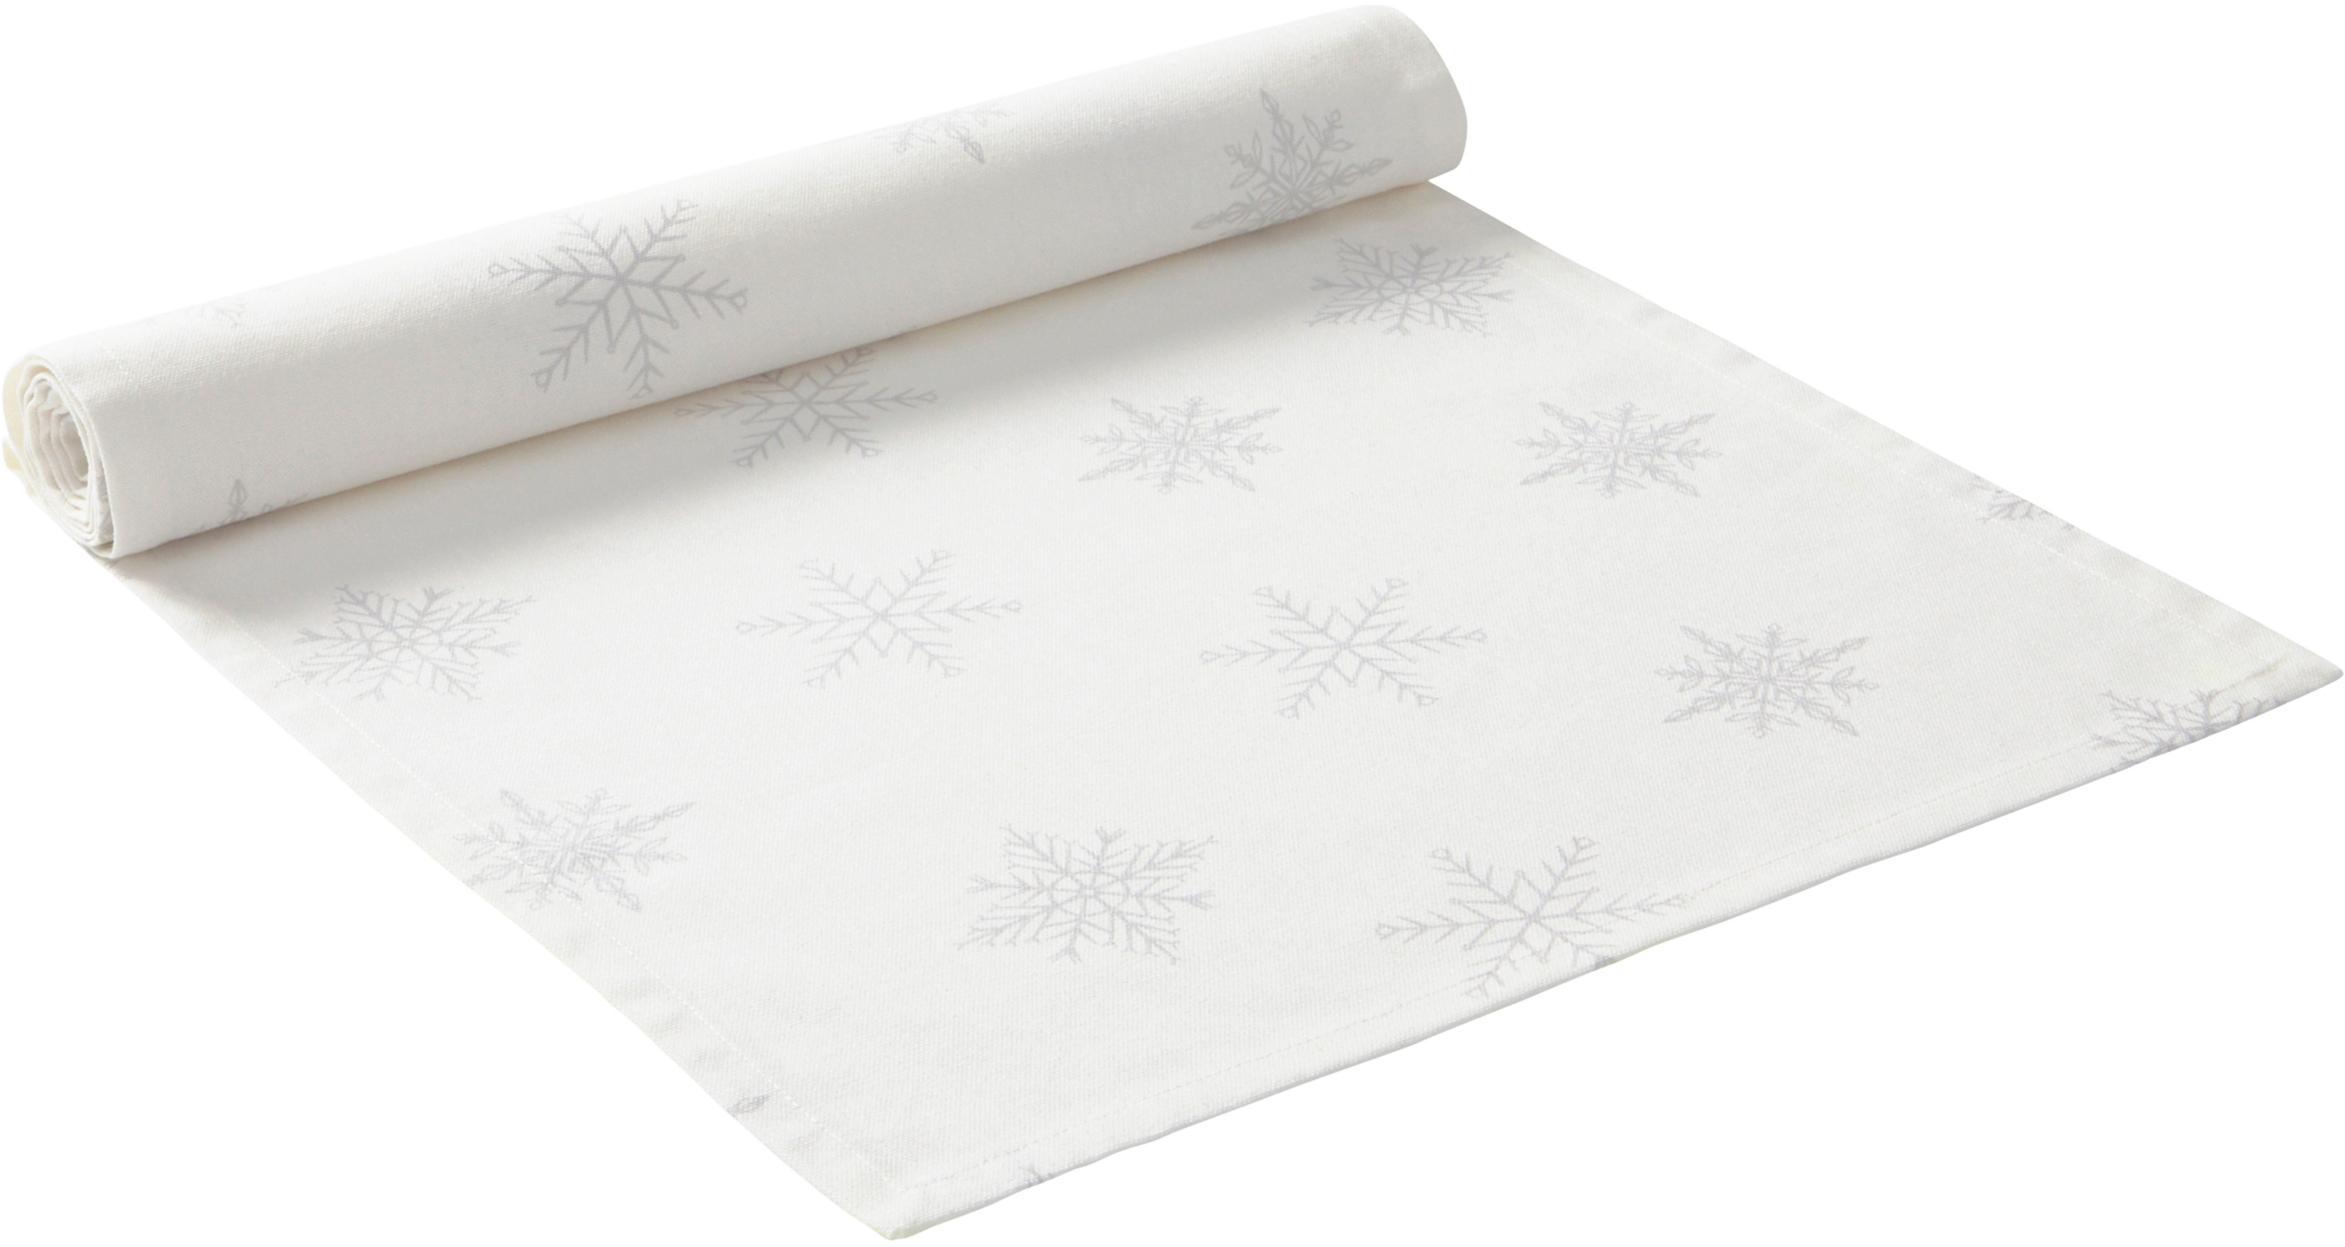 Camino de mesa Snow, 100%algodón de cultivos sostenible de algodón, Blanco crema, gris claro, An 40 x L 140 cm